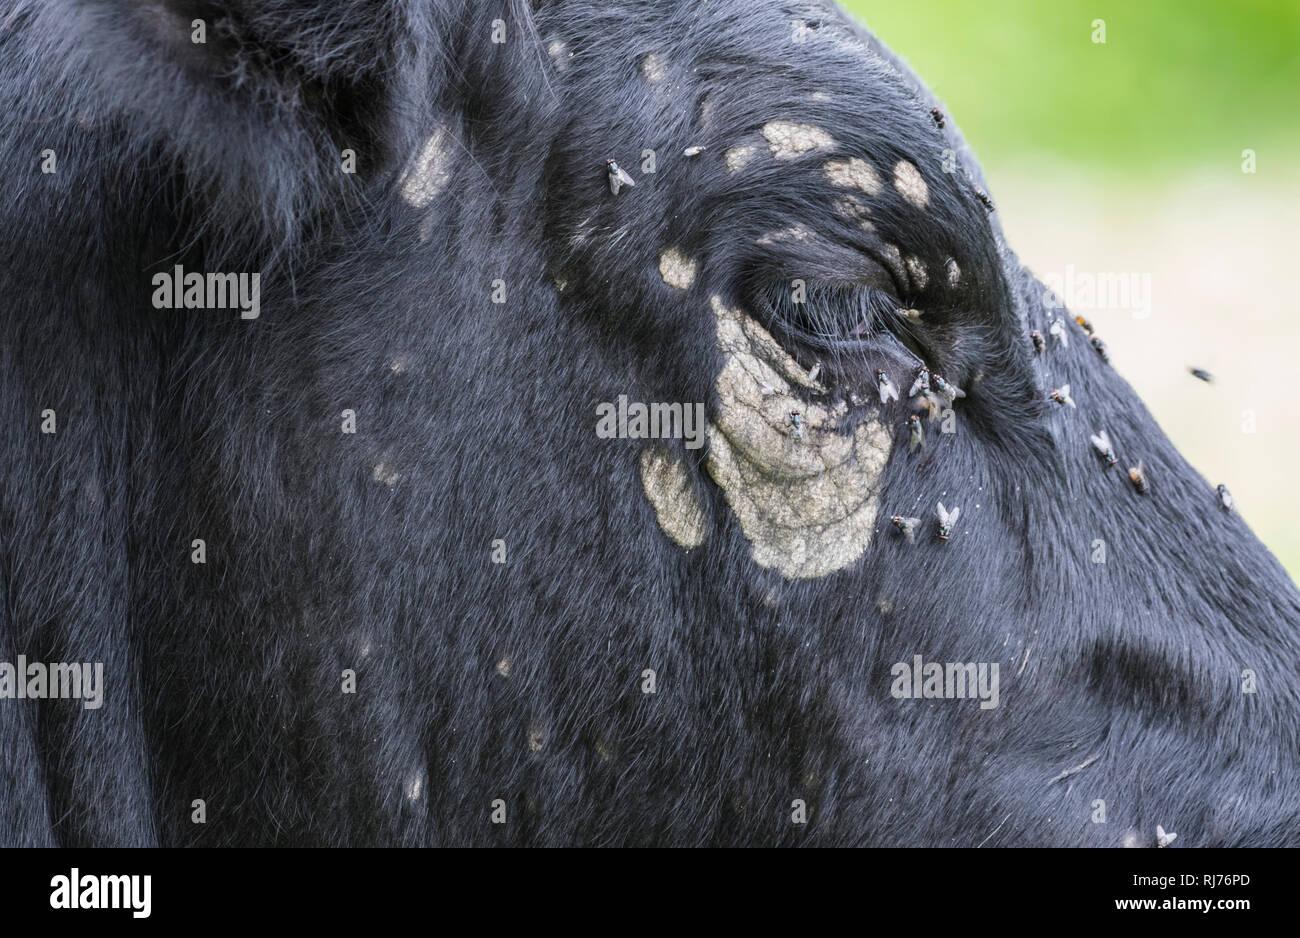 Vuela sobre y alrededor de los ojos de una vaca, negro con manchas blancas y decoloración alrededor de los ojos. Foto de stock